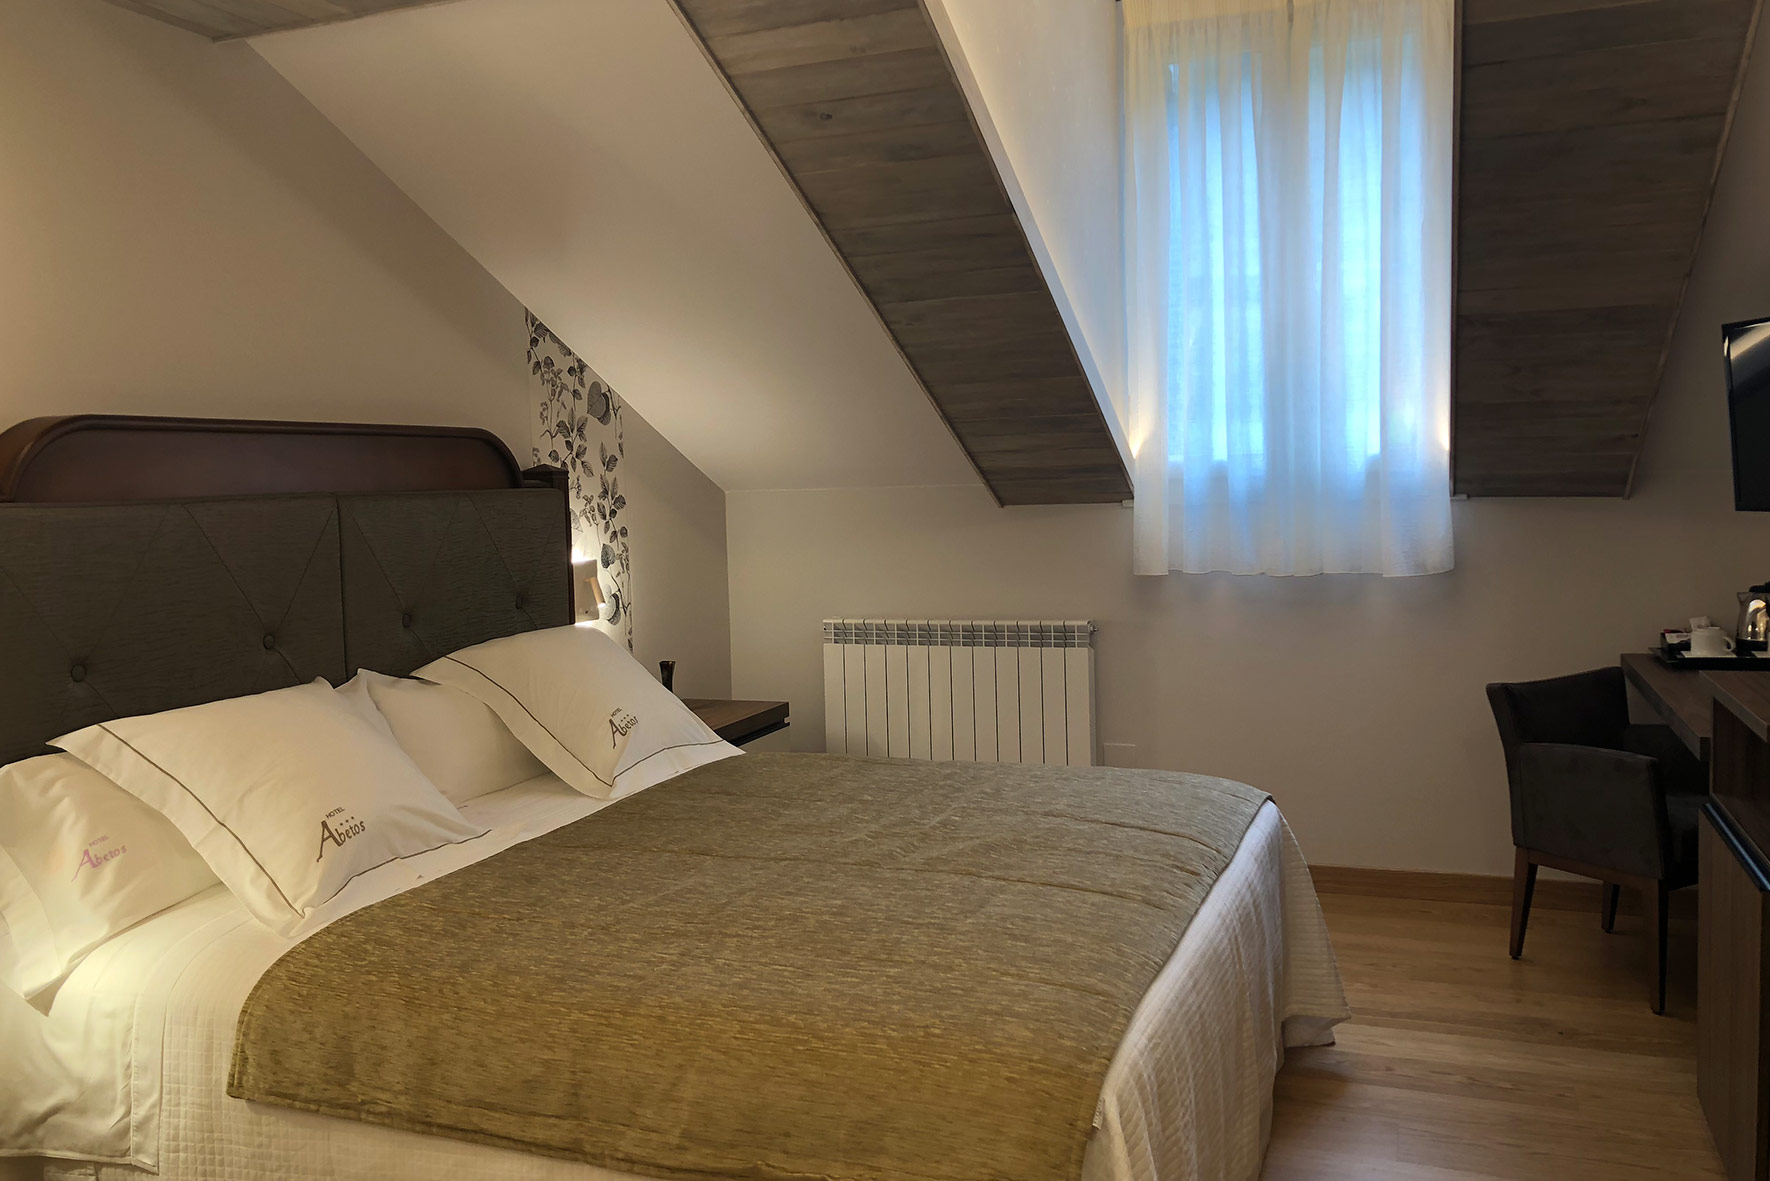 https://hotelabetos.es/wp-content/uploads/2016/12/habitacion_superior.jpg